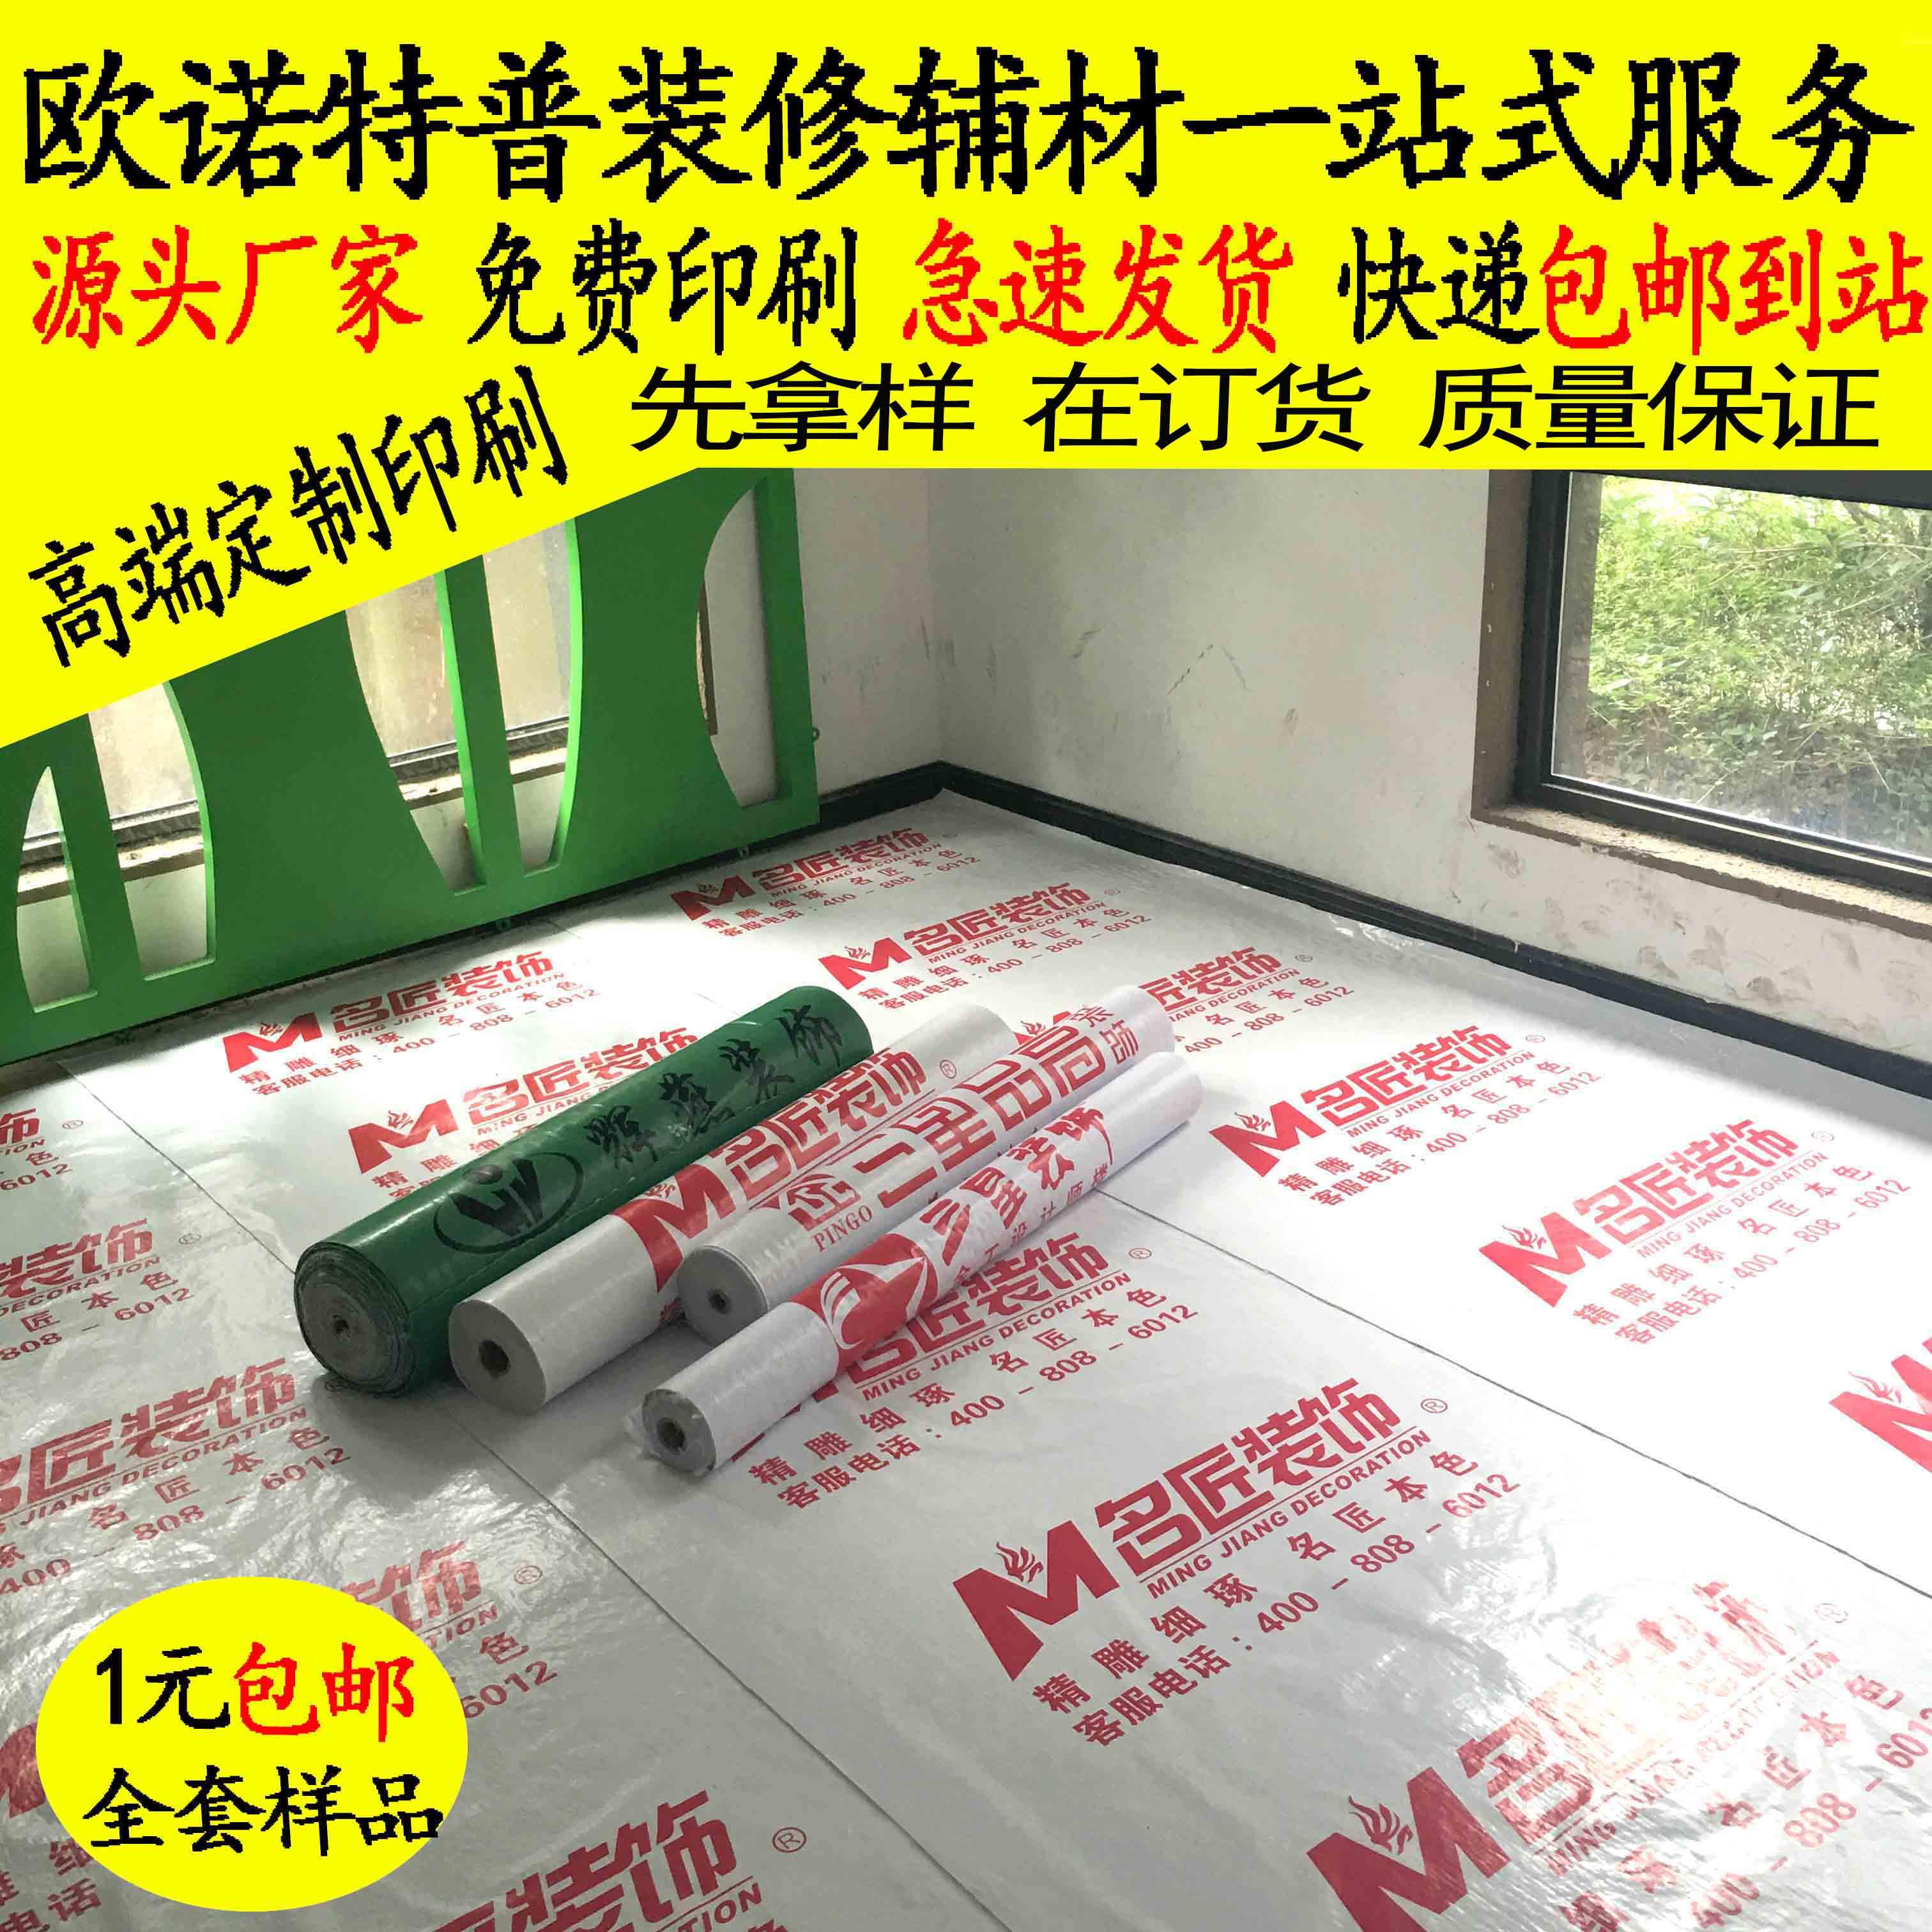 公司定制装修地面地砖木地板PVC保护膜家具门窗成品防潮膜地膜垫